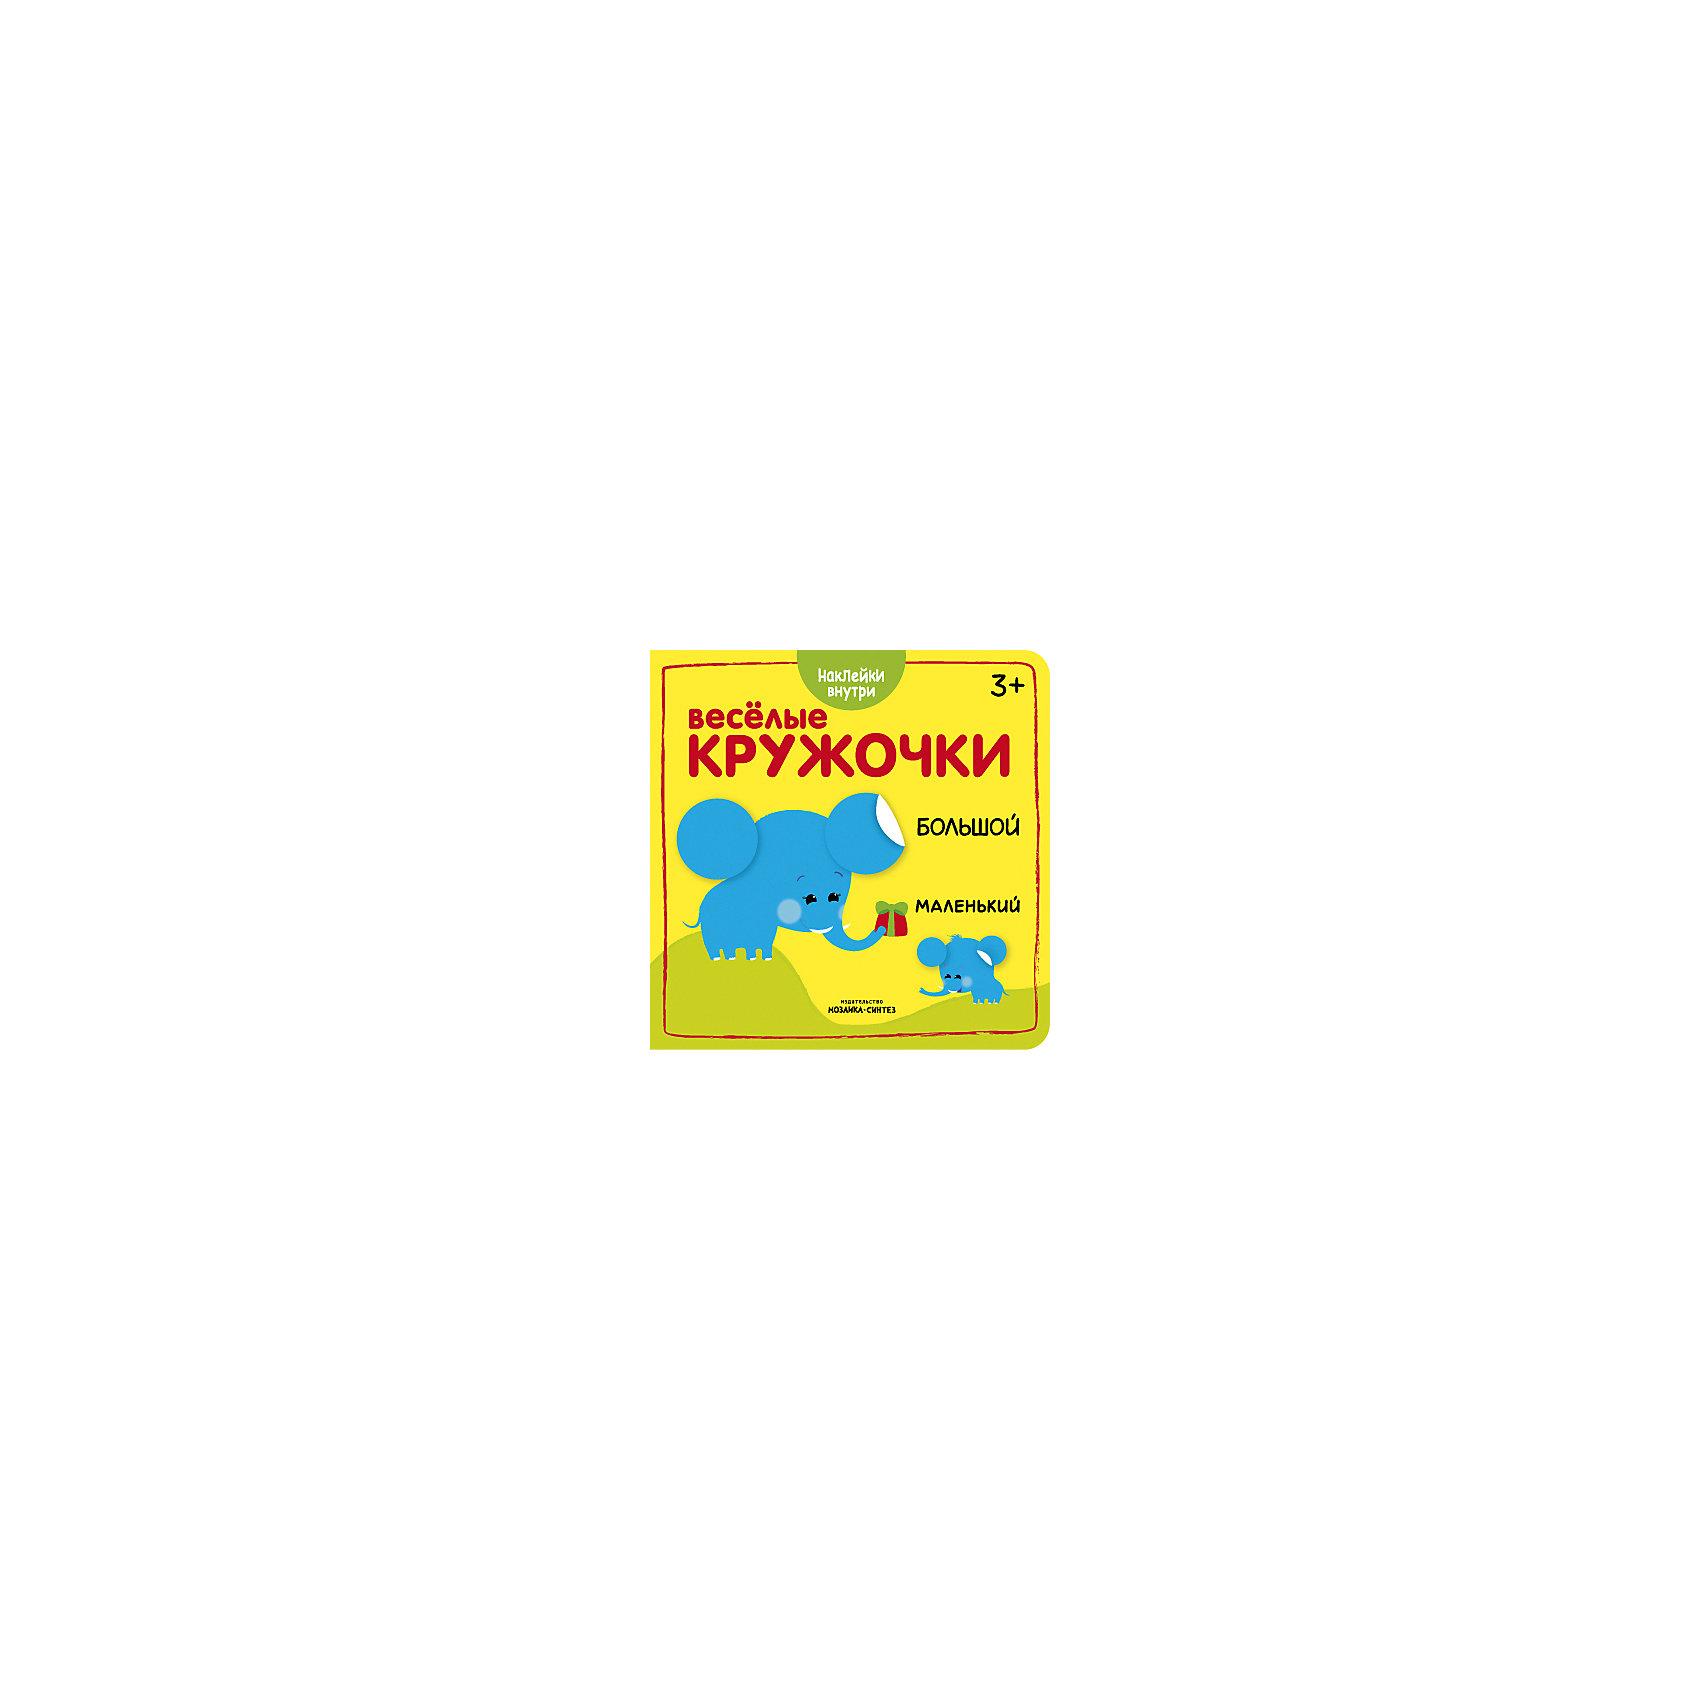 Книжка Веселые кружочки, Большой-маленький, Мозаика-СинтезТворчество для малышей<br>Книжка Веселые кружочки, Большой-маленький, Мозаика-Синтез<br><br>Характеристики:<br><br>• Издательство: МОЗАИКА-СИНТЕЗ<br>• ISBN 978-5-43151-044-1<br>• Тип: книга с многоразовыми наклейками.<br>• Раздел знаний: ознакомление с окружающим миром.<br>• Возраст: 2-4 года.<br>• Размер книги: 225х225 мм.<br>• Количество страниц: 12.<br><br>А ваш малыш уже знает, что такое противоположности? С яркой книжкой из серии «Веселые кружочки» он легко научится различать понятия «большой» и «маленький». В ней есть все, что так нравится детям – красочные иллюстрации, очаровательные животные и много разноцветных наклеек-кружочков.<br><br>Выполняя увлекательные задания, ребенок изучит цвета, а также сможет развить мелкую моторику, внимательность и наблюдательность.<br><br>Книгу Веселые кружочки, Большой-маленький, Мозаика-Синтез, можно купить в нашем интернет – магазине<br><br>Ширина мм: 2<br>Глубина мм: 225<br>Высота мм: 225<br>Вес г: 75<br>Возраст от месяцев: 24<br>Возраст до месяцев: 48<br>Пол: Унисекс<br>Возраст: Детский<br>SKU: 5428893